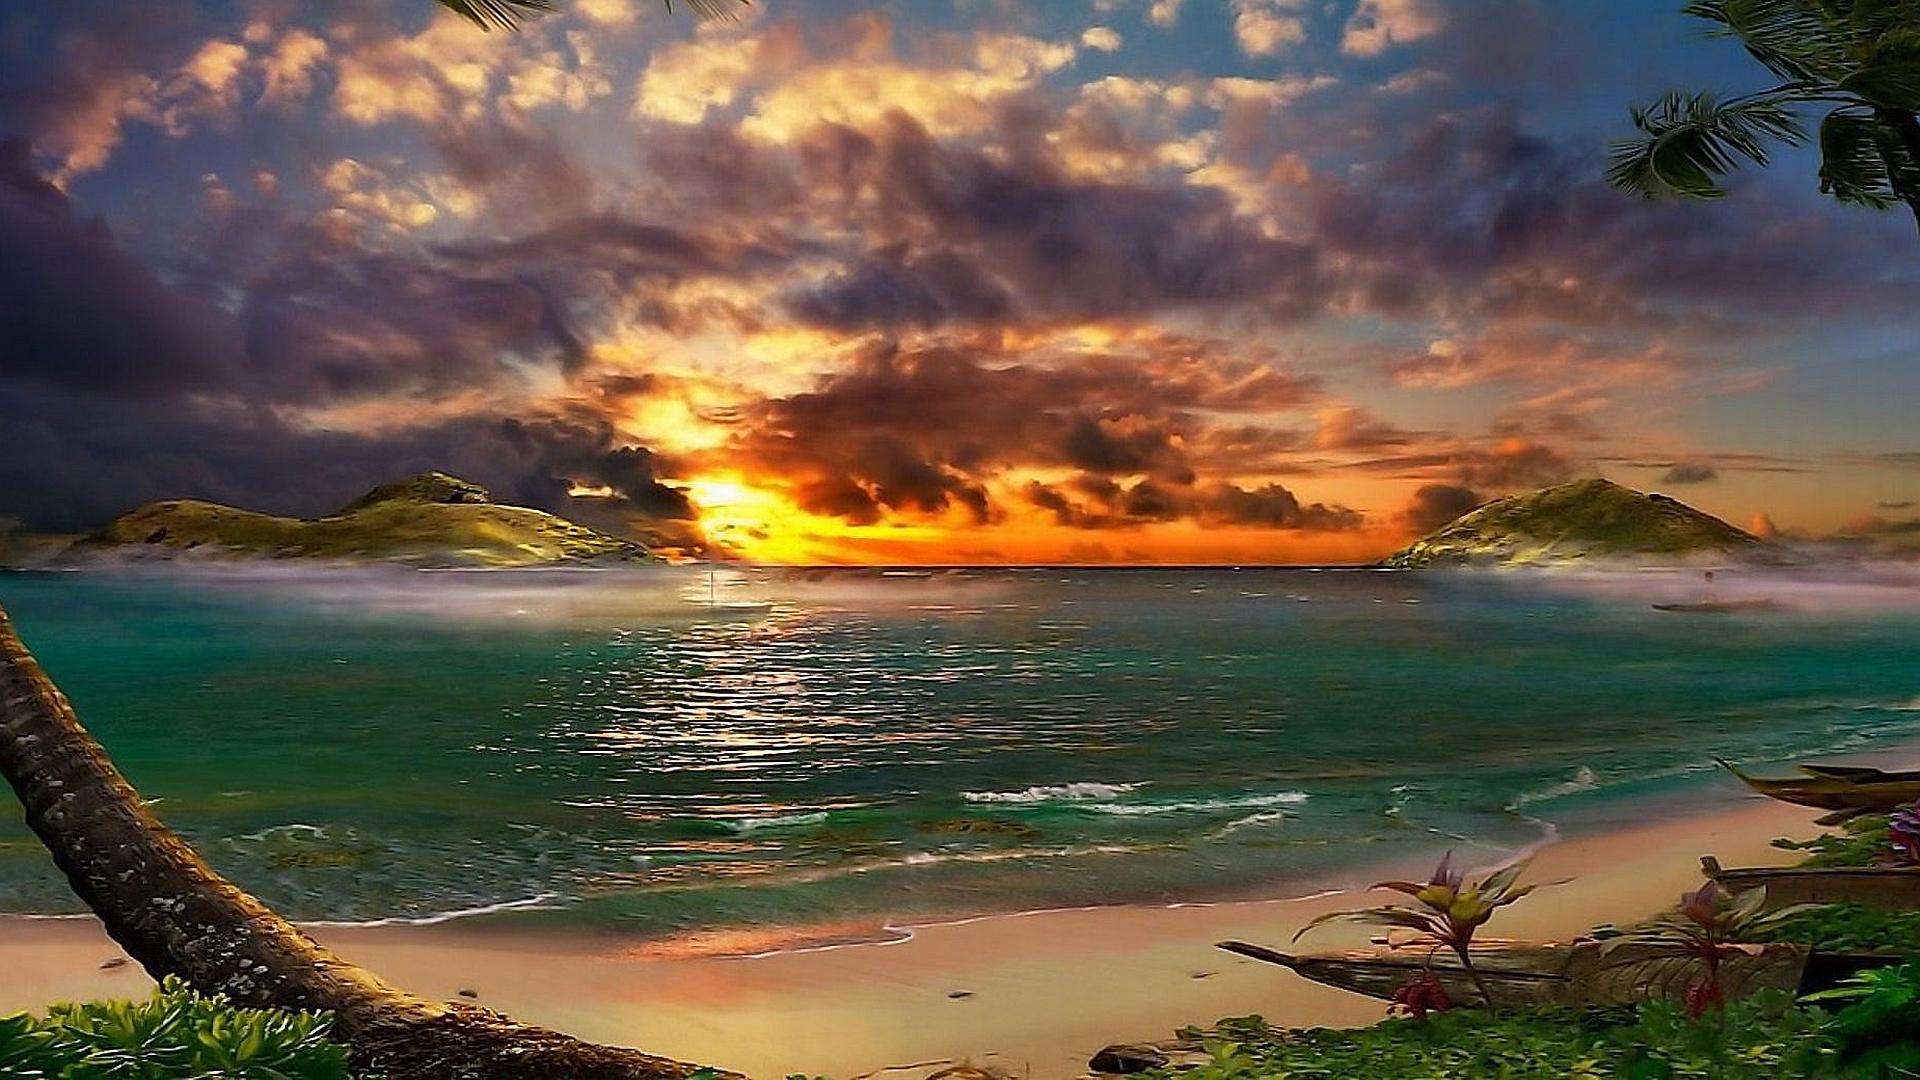 Tropical sunset wallpaper   745030 1920x1080